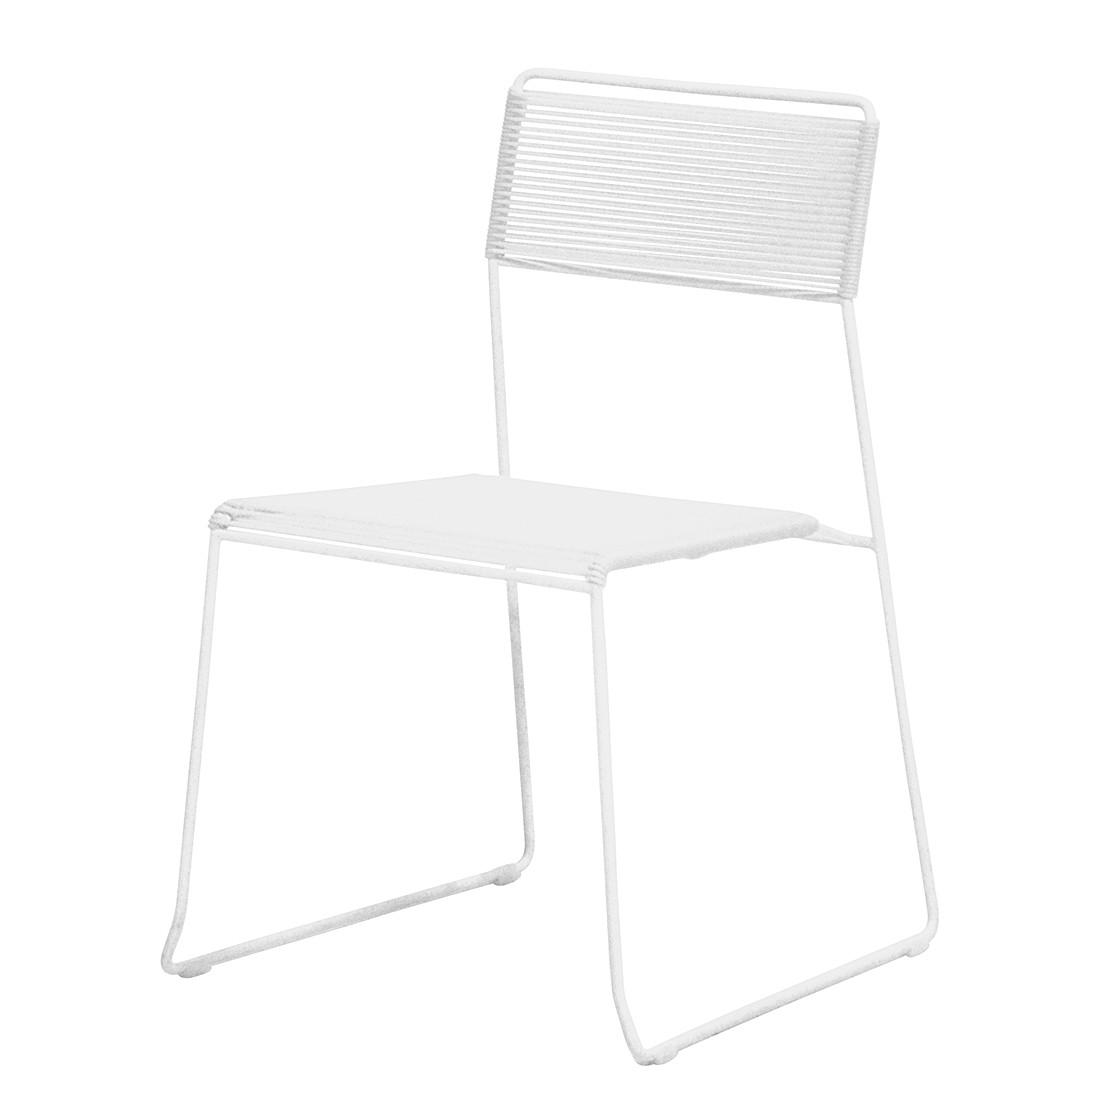 Gartenstuhl Log (2er-Set) – Stahl/Kunststoff Weiß, Jan Kurtz online kaufen